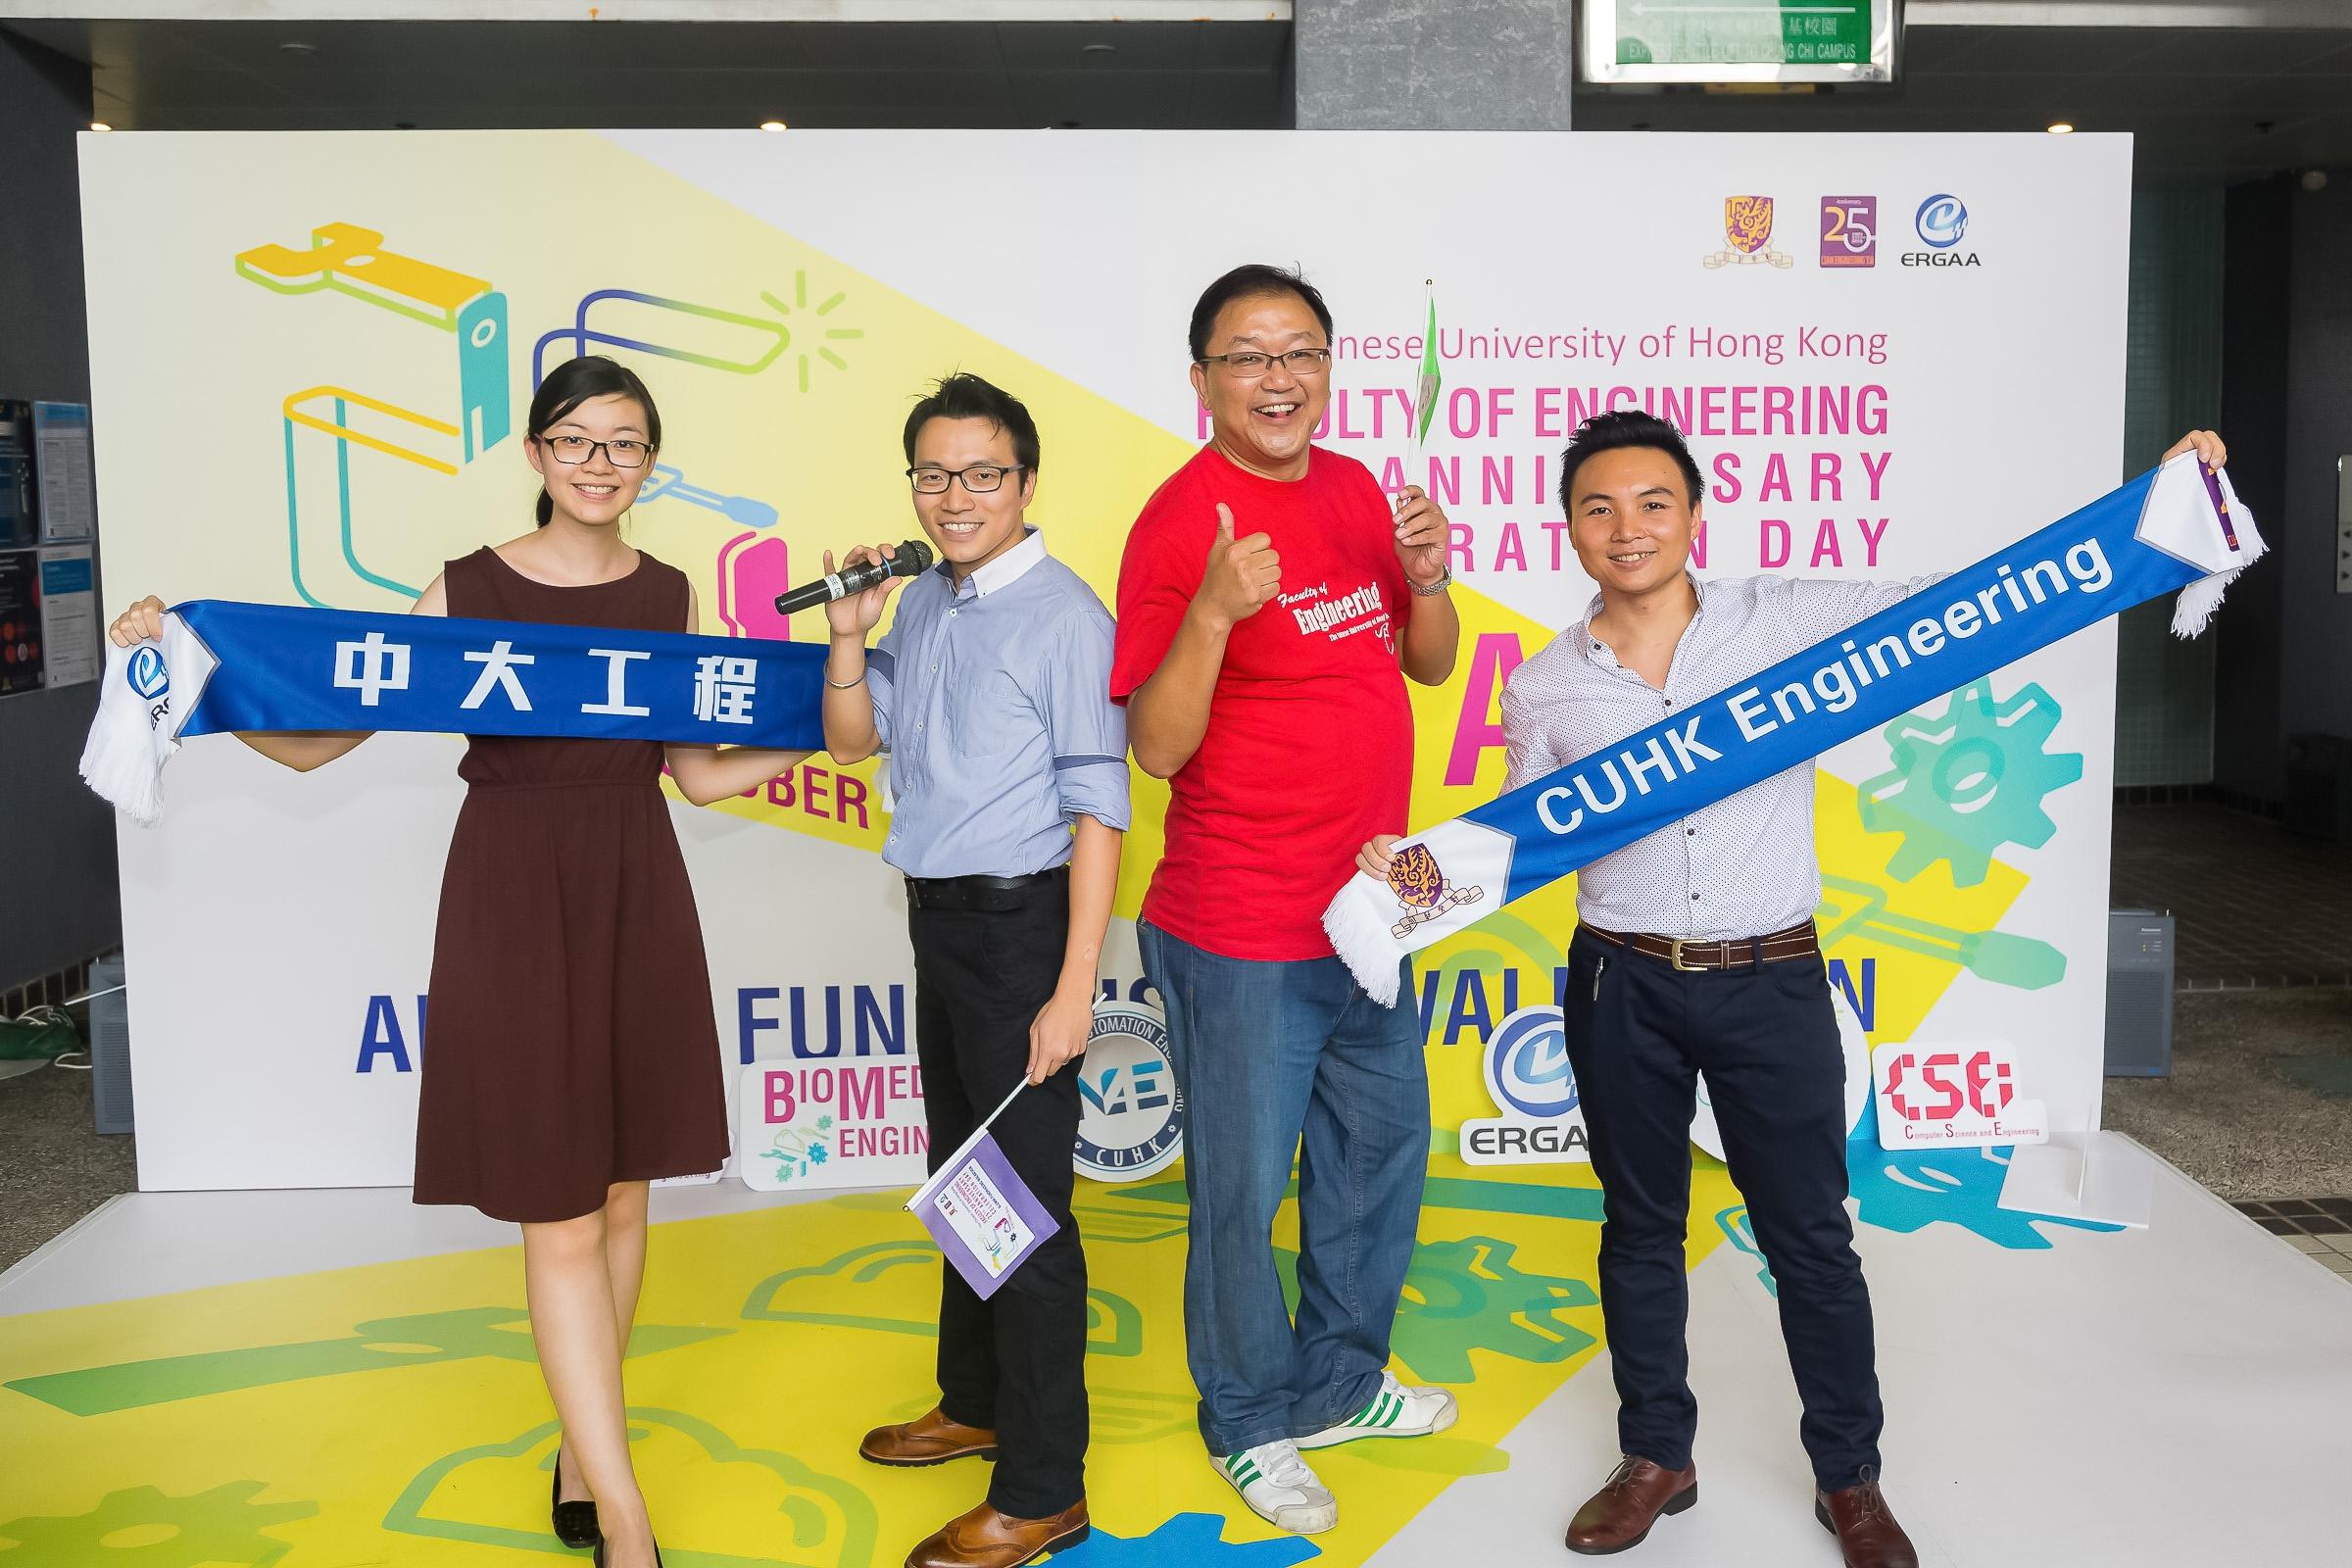 黃錦輝教授與中大工程學院校友會成員展示學院廿五周年紀念巾。